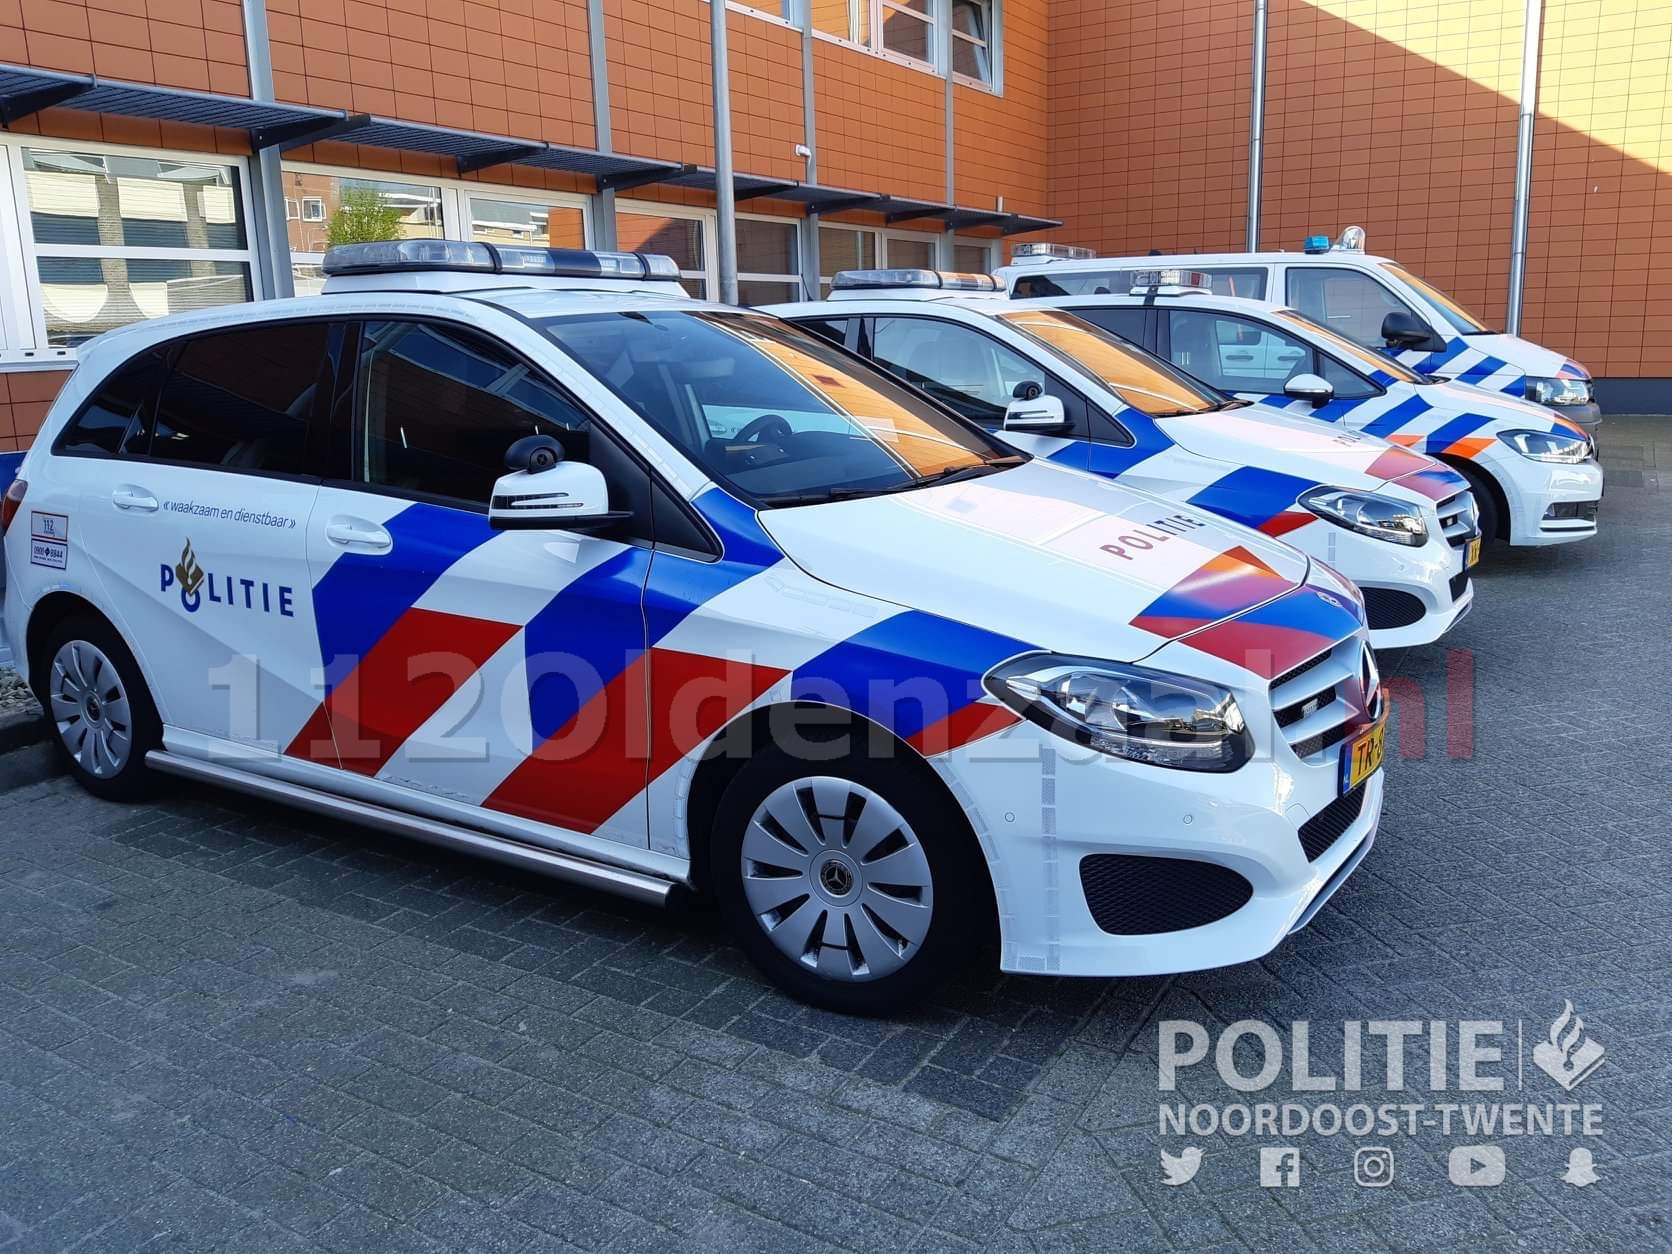 Digitale volgdienst; Een kijkje in de keuken van politie Noordoost Twente